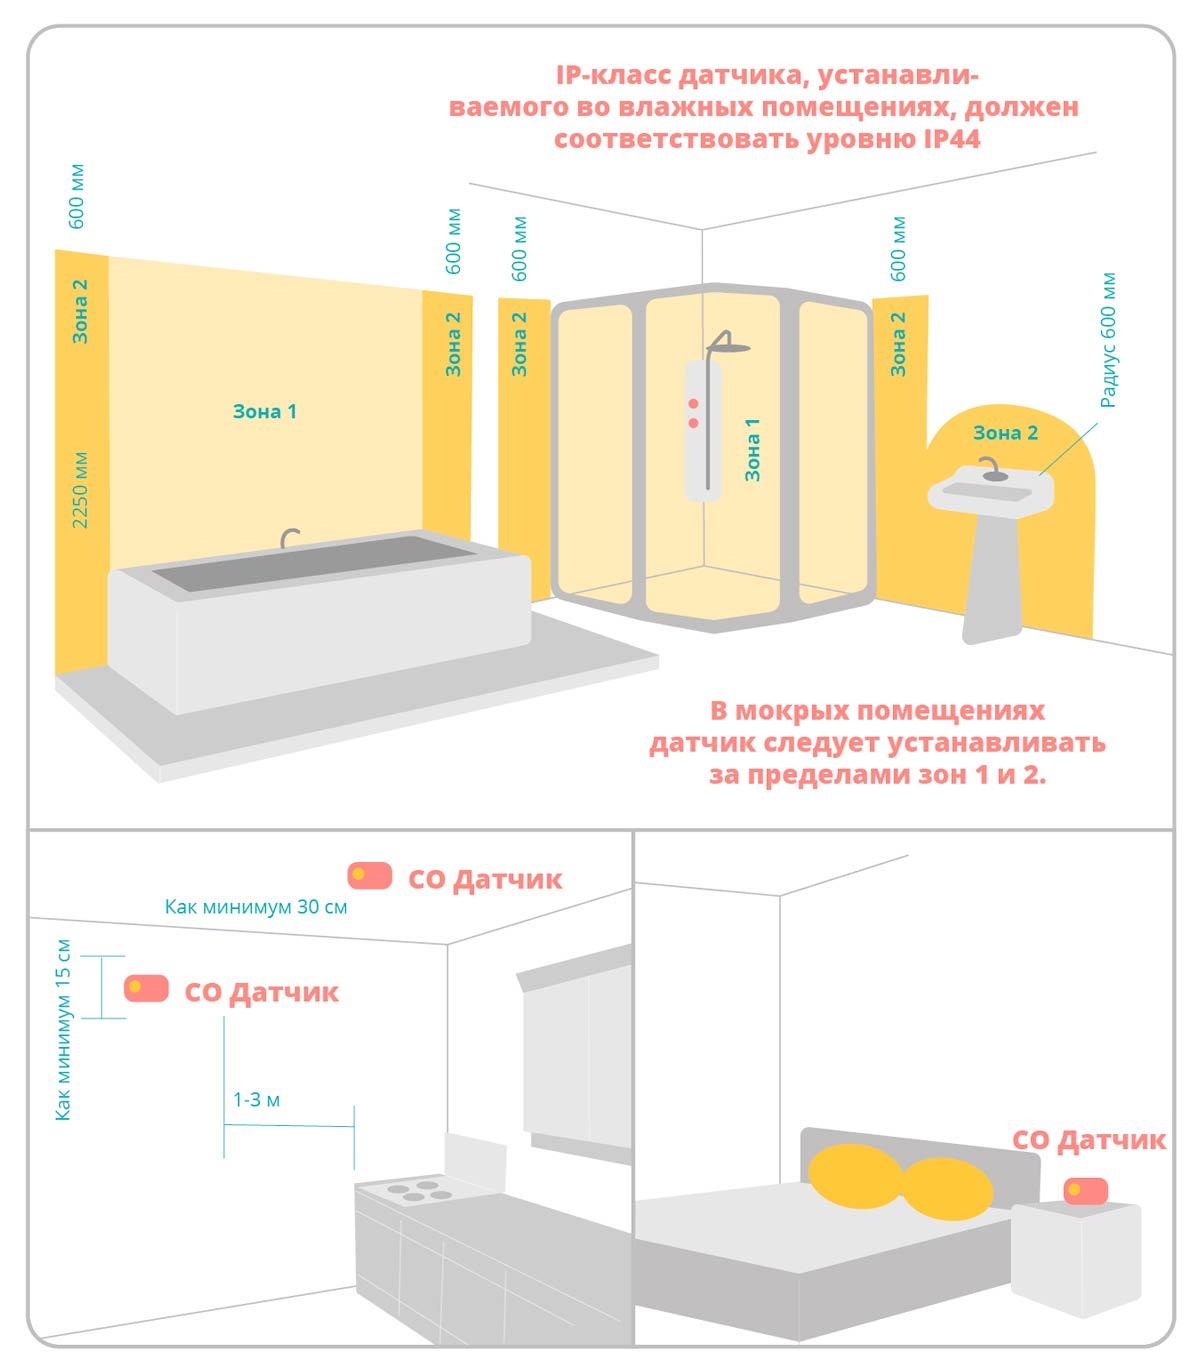 Датчики утечки газа: особенности, виды, выбор и установка